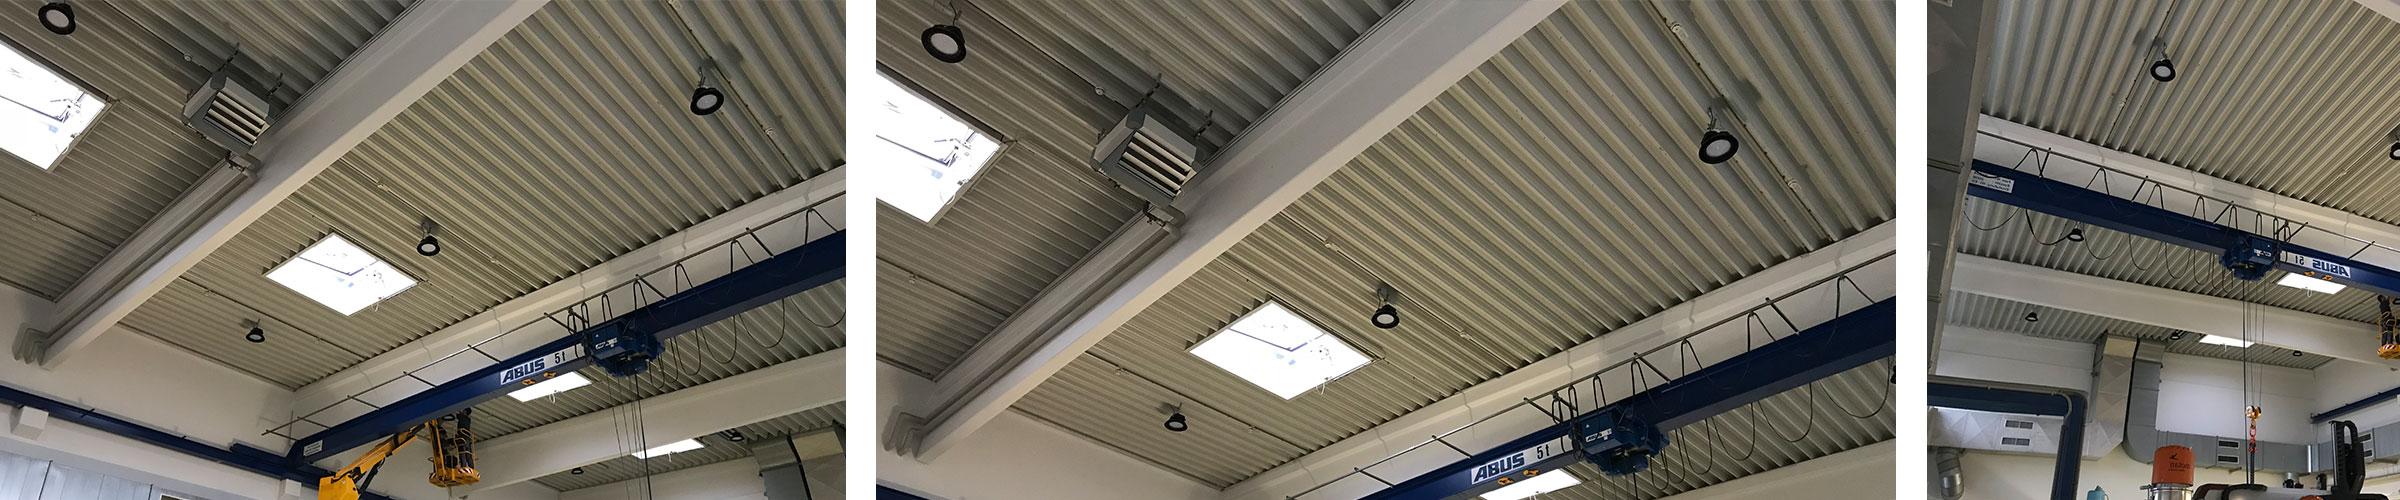 LED Industrieleuchte LED Hallenleuchte SML LED